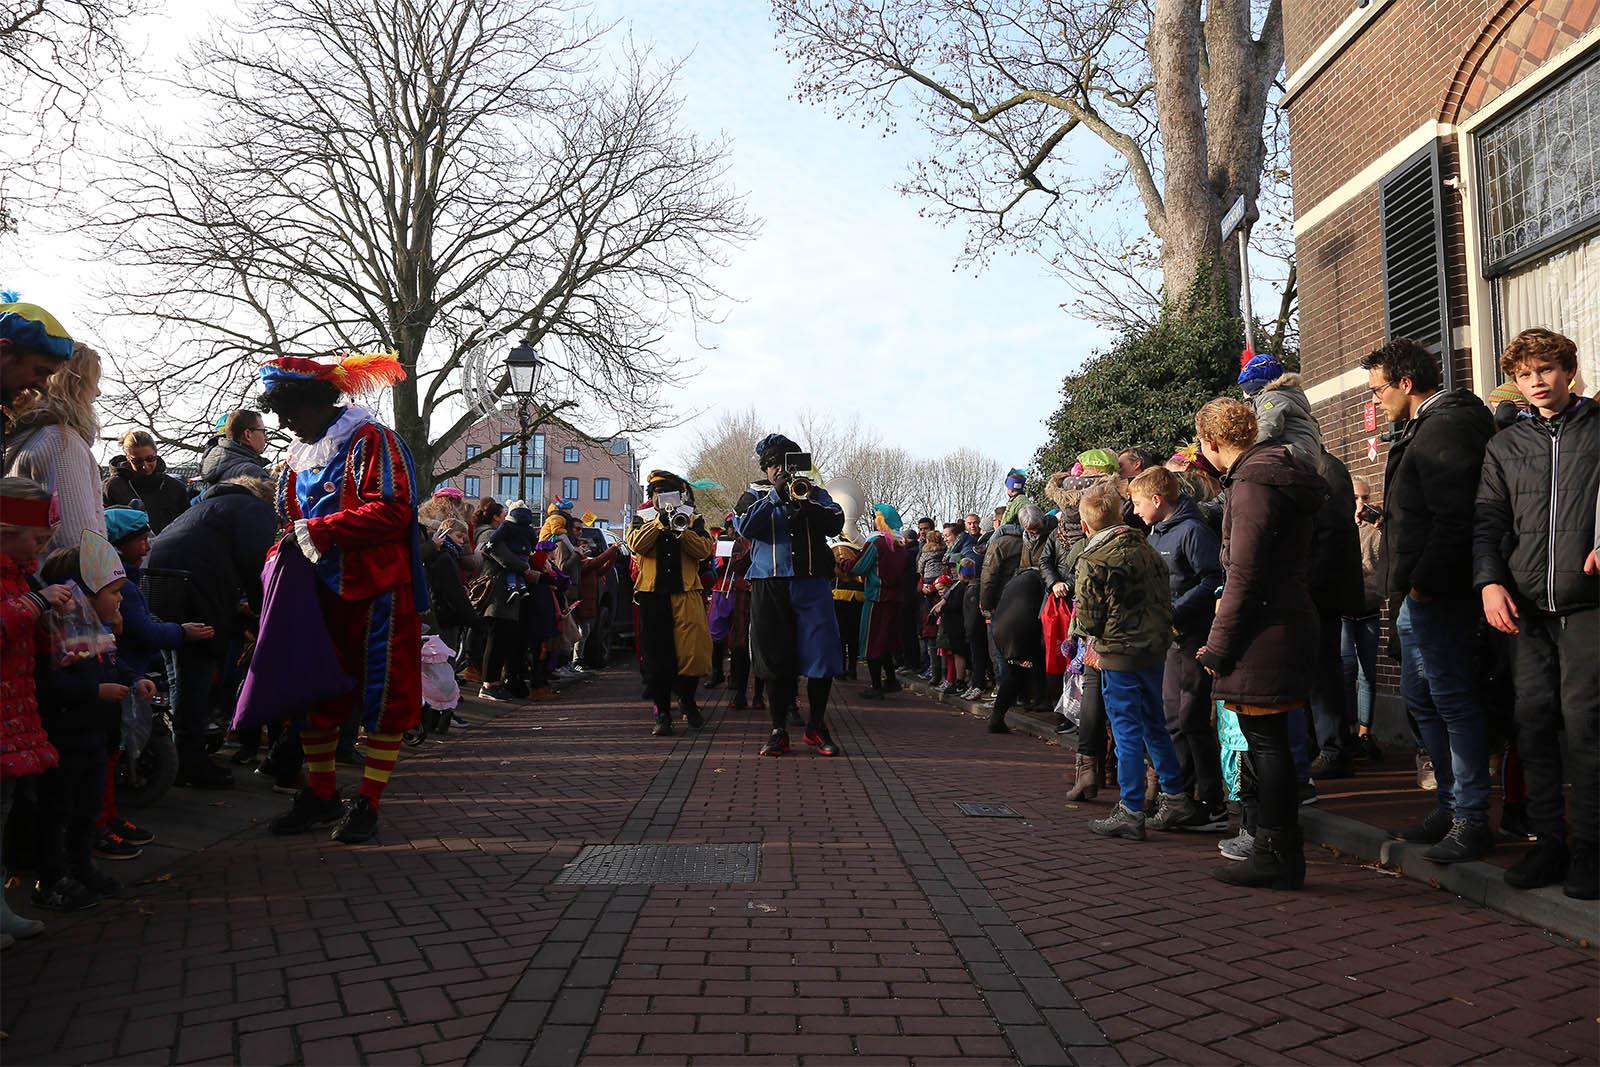 culemborg intocht sinterklaas 2018_0012_©John Verhagen-Sinterklaas 2018-0340.jpg